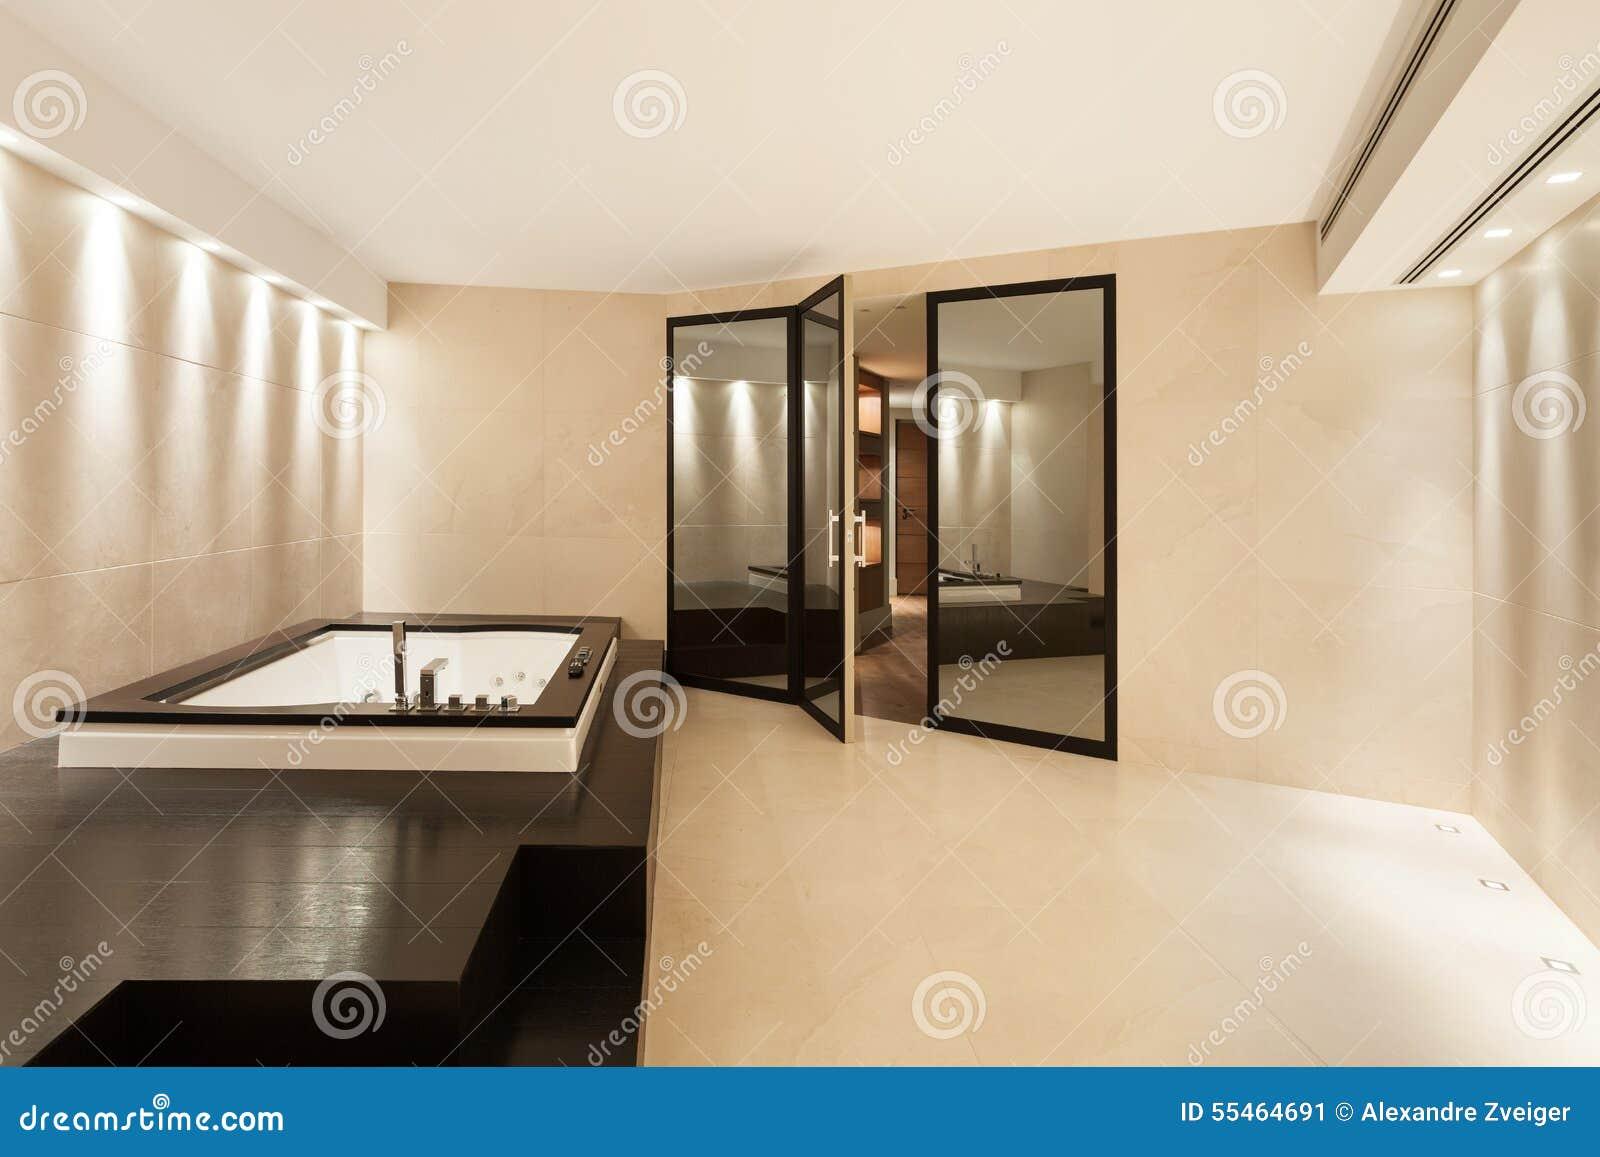 Interiores cuarto de ba o con el jacuzzi foto de archivo imagen 55464691 - Jacuzzi para interior ...